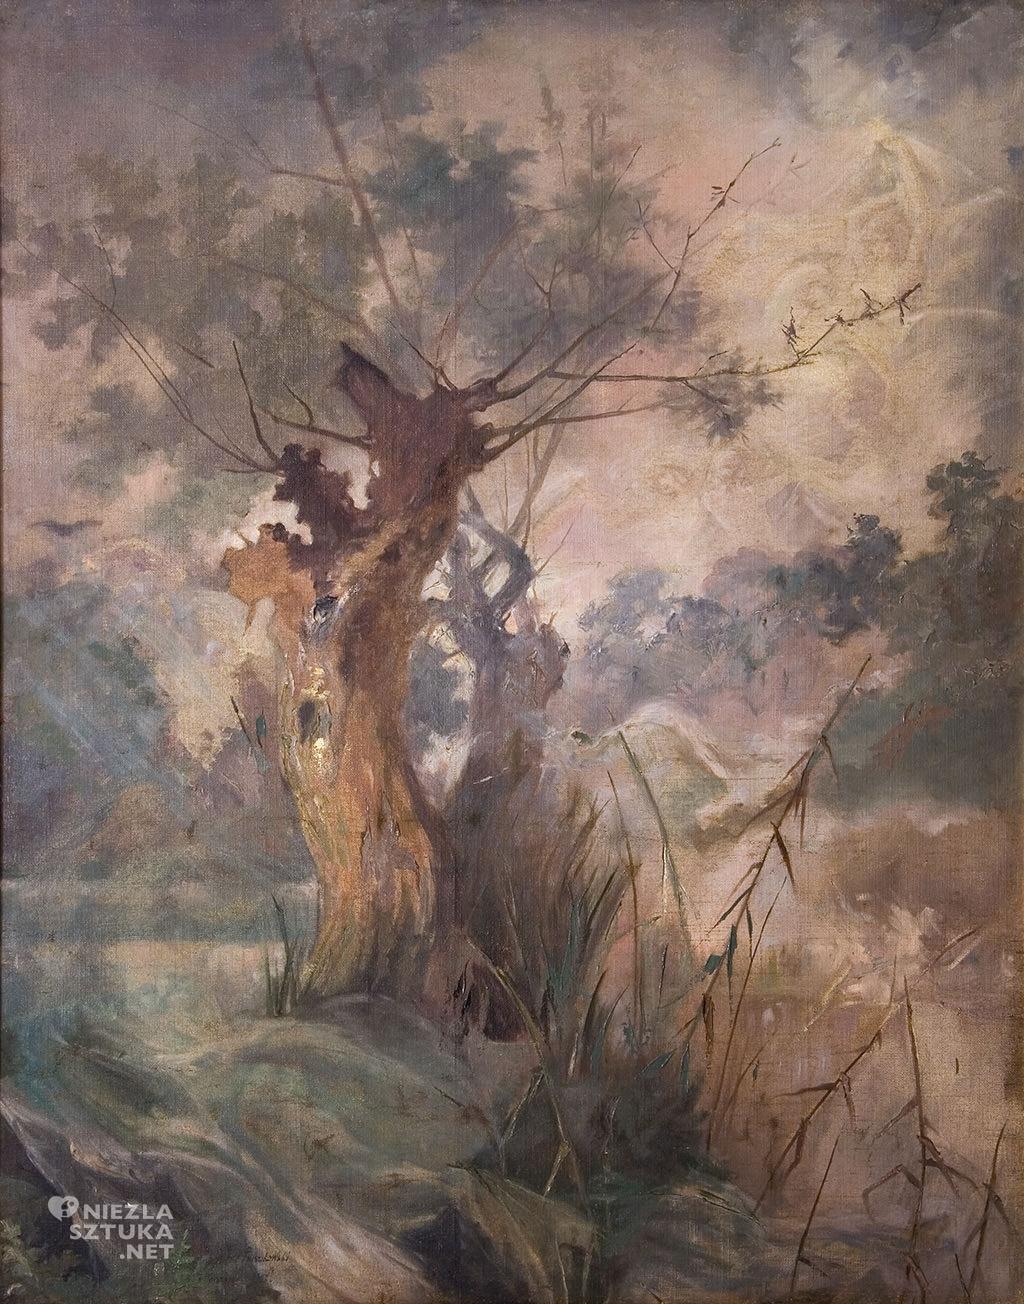 Witold Pruszkowski, Wierzby nad moczarami | 1887, olej, płótno, Muzeum Pałac Herbsta, Oddział Muzeum Sztuki w Łodzi